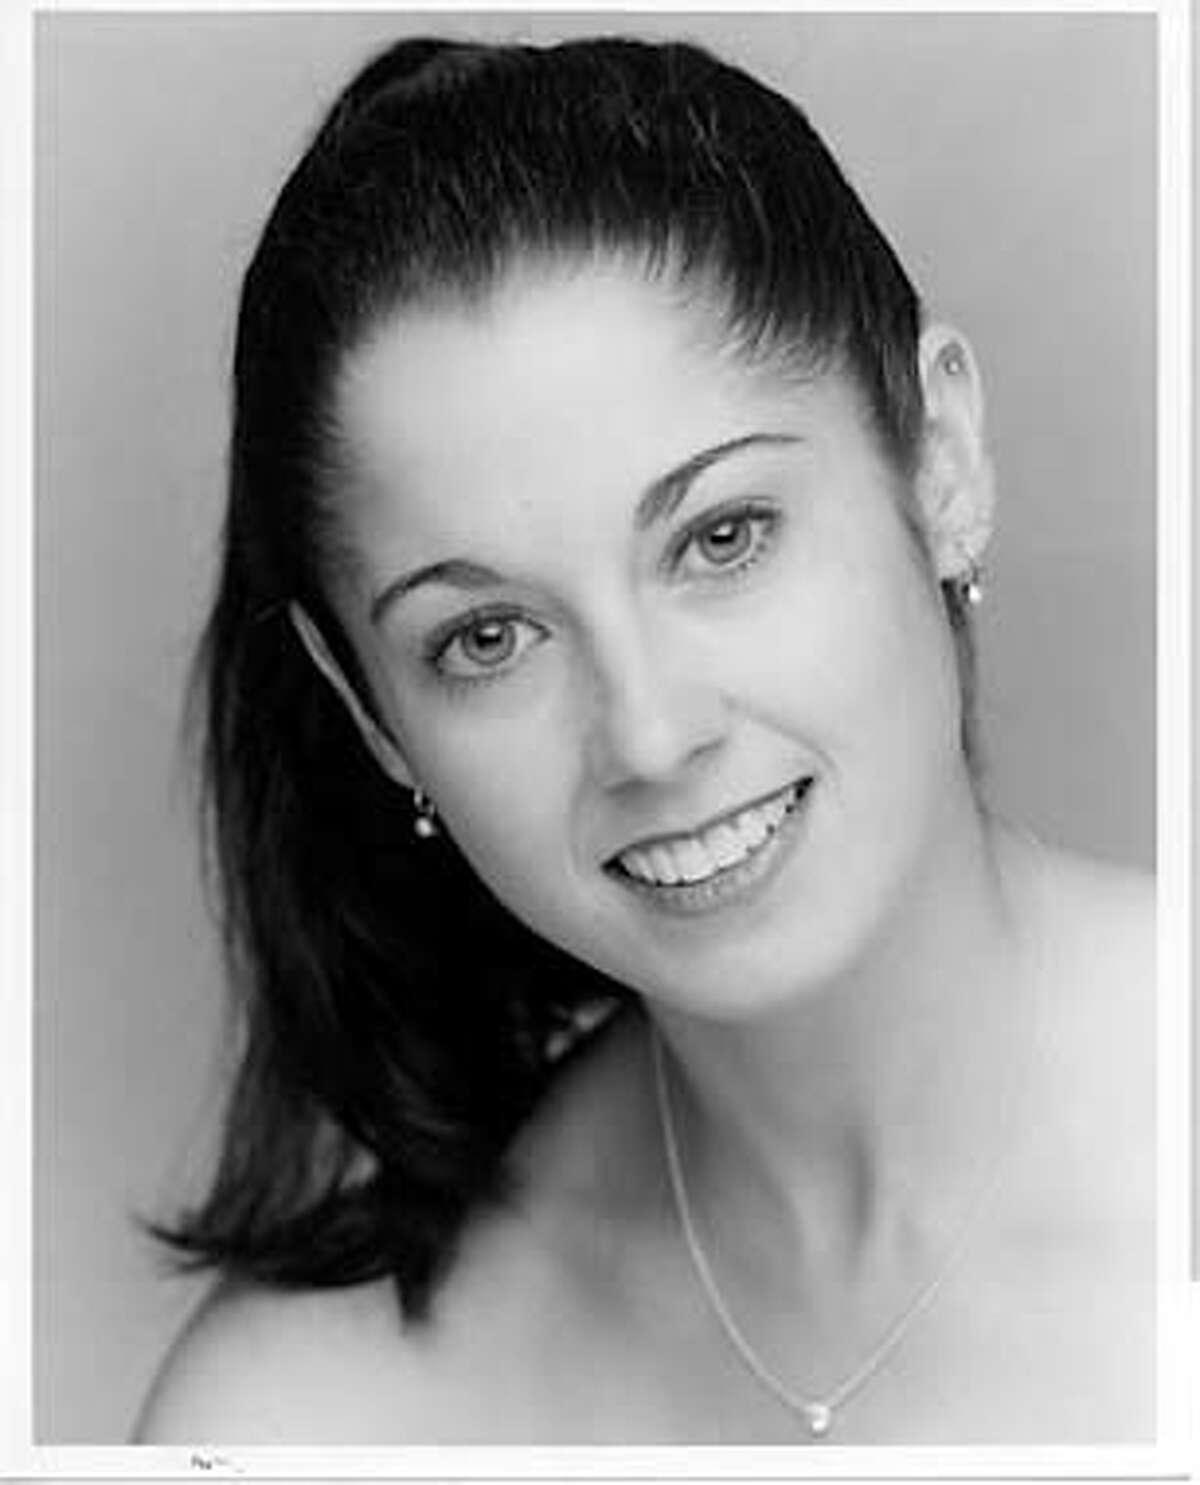 Vanessa Zahorian BY DAVID ALLEN (HANDOUT PHOTO)